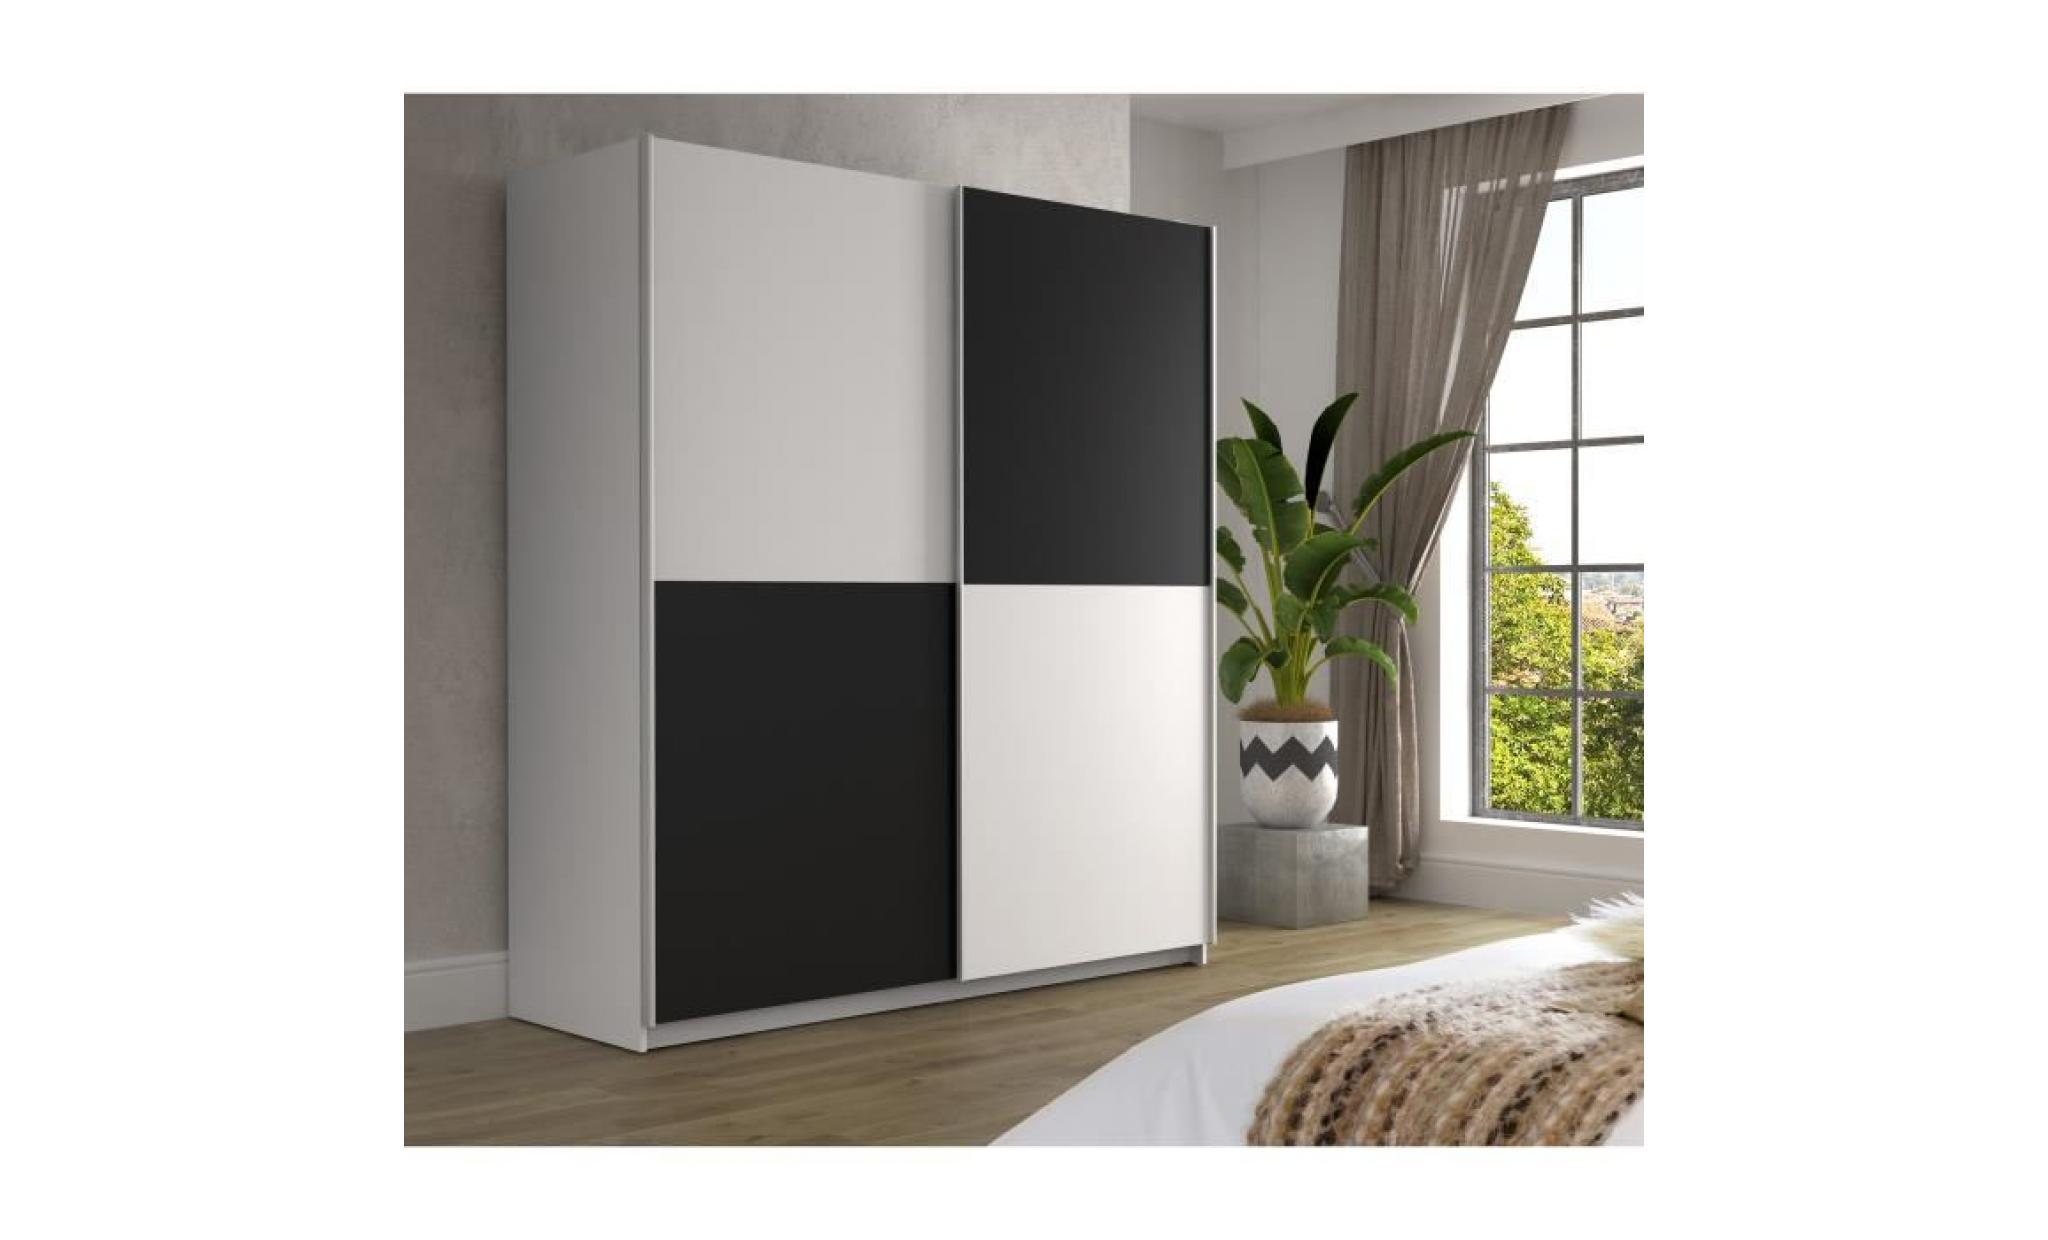 finlandek armoire de chambre ulos style contemporain blanc l 170,3 cm